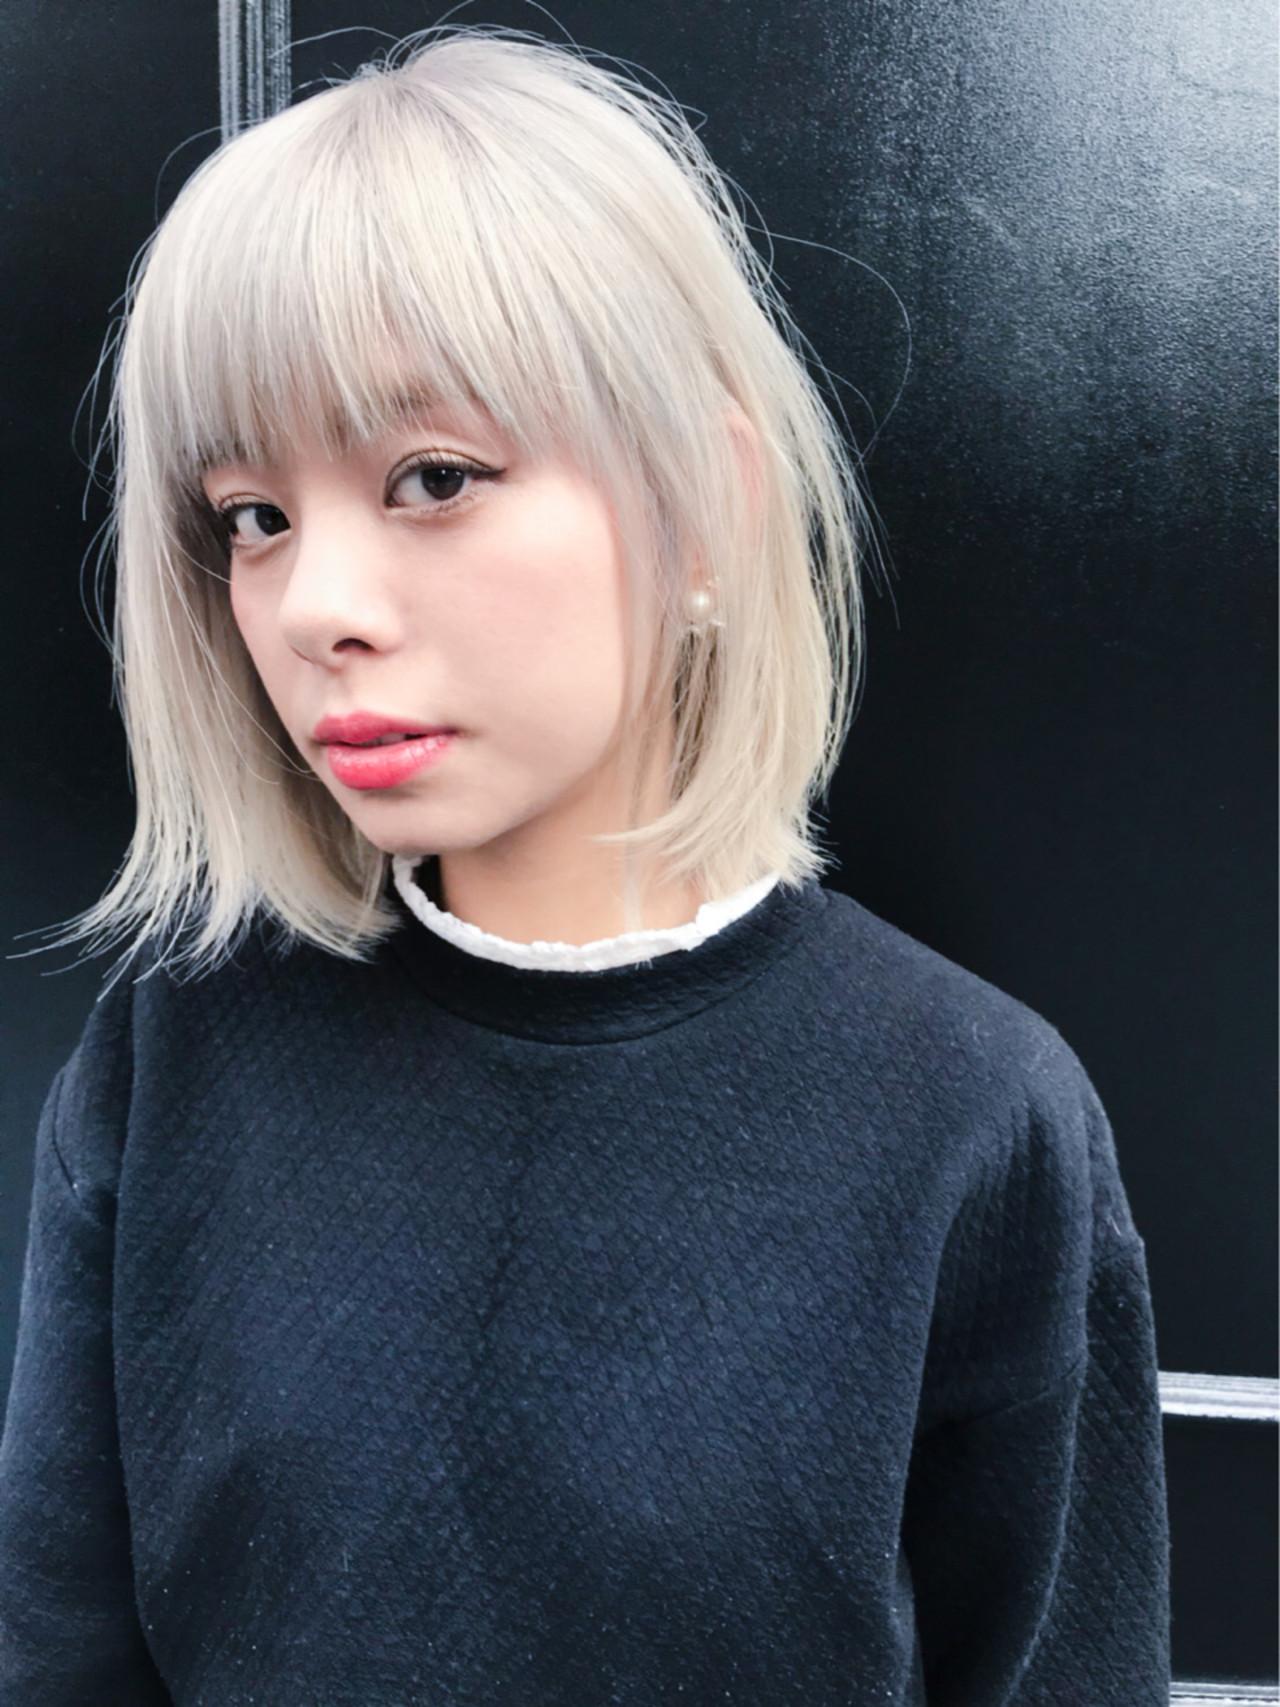 ハイトーン モード ミディアム イルミナカラー ヘアスタイルや髪型の写真・画像